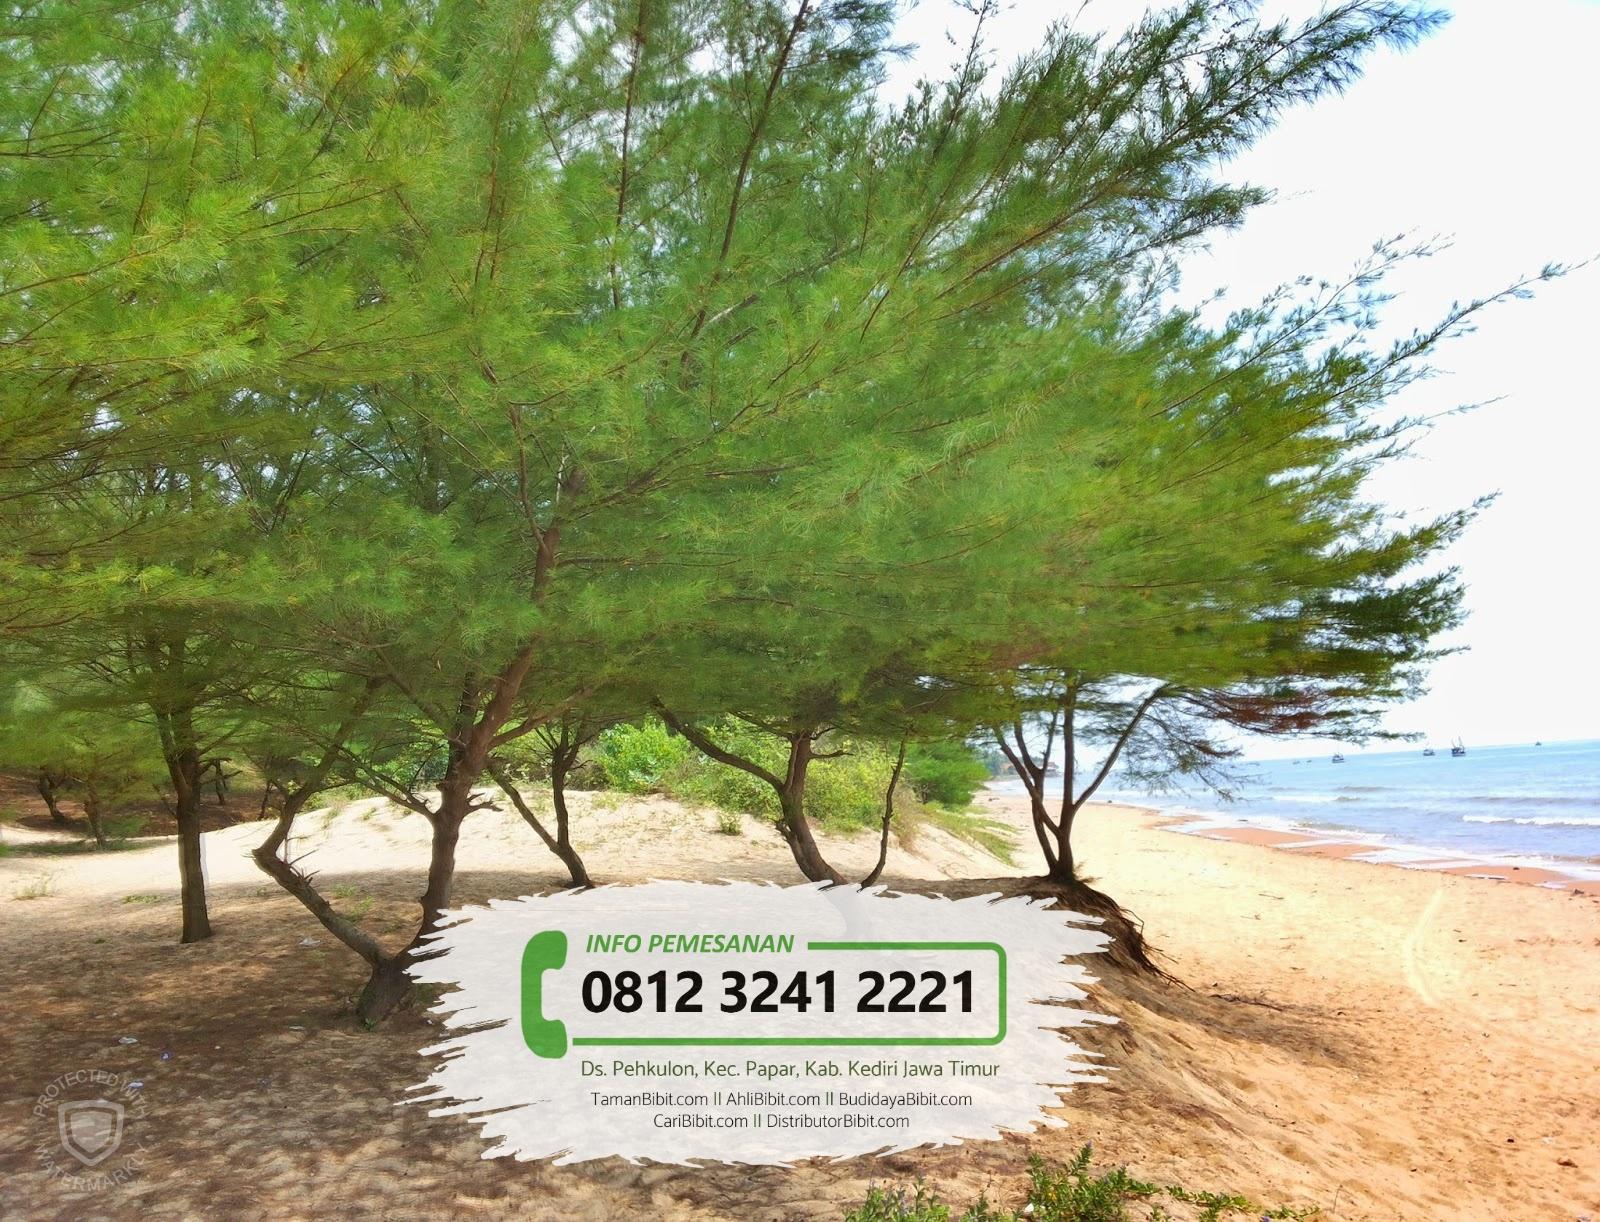 Jual Benih / Biji Pohon Cemara Laut